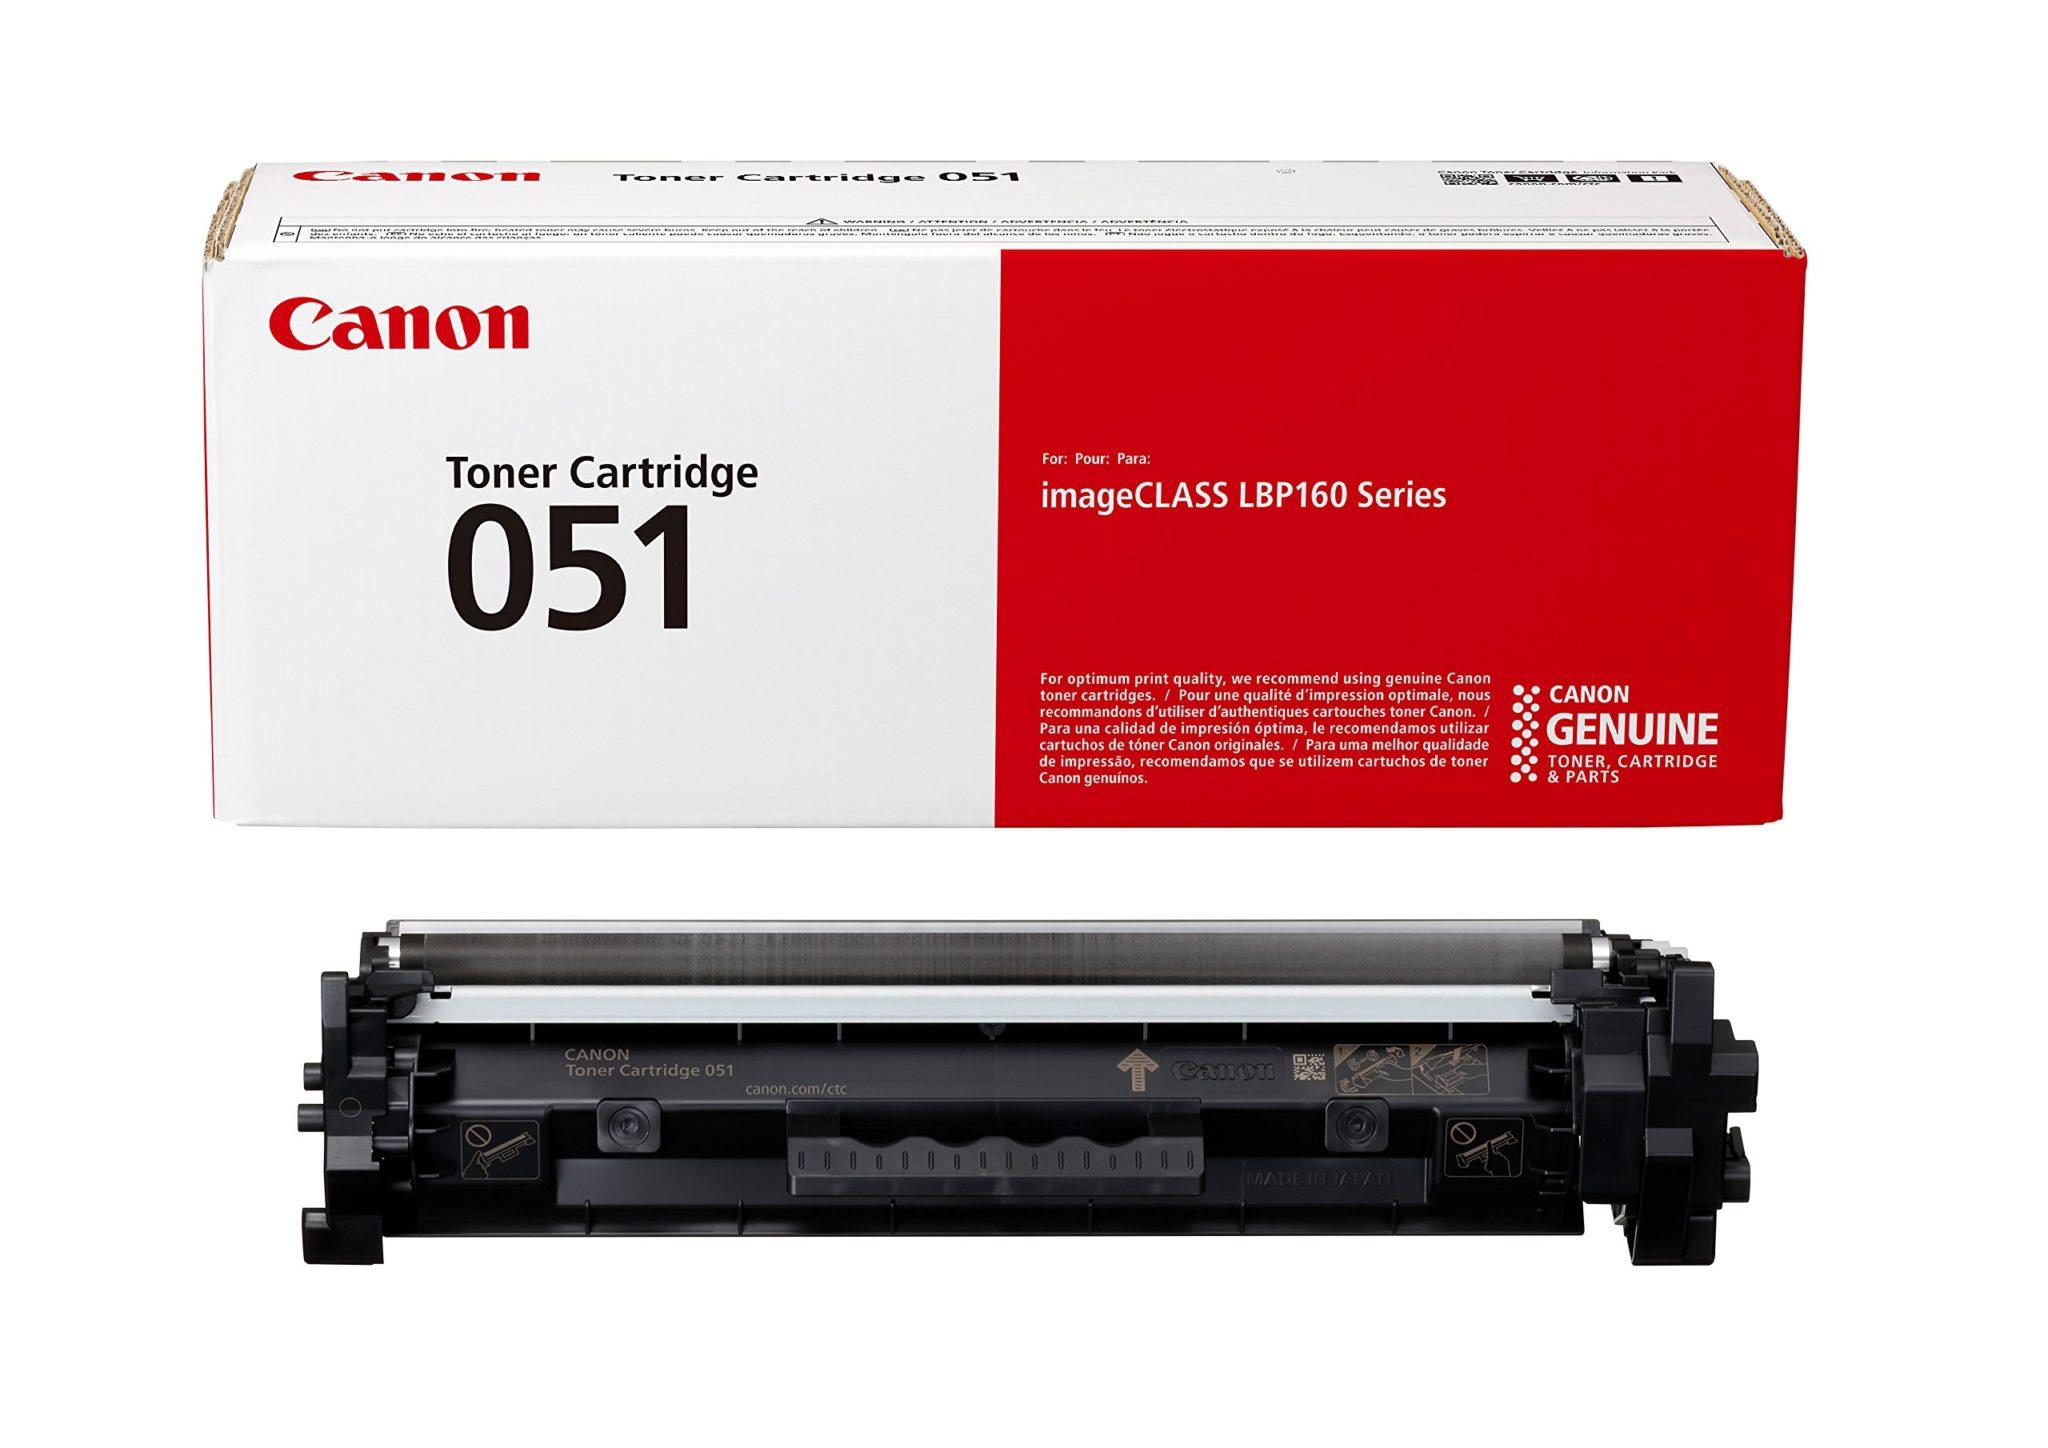 """کارتریج تونر مشکی 051 کانن از تونرهای لیزری شرکت """" CANON """" میباشد. هر کارتریج دارای قطعات ، درام کارتریج ،چیپست کارتریج ، مگنت کارتریج و فوم کارتریج است ."""